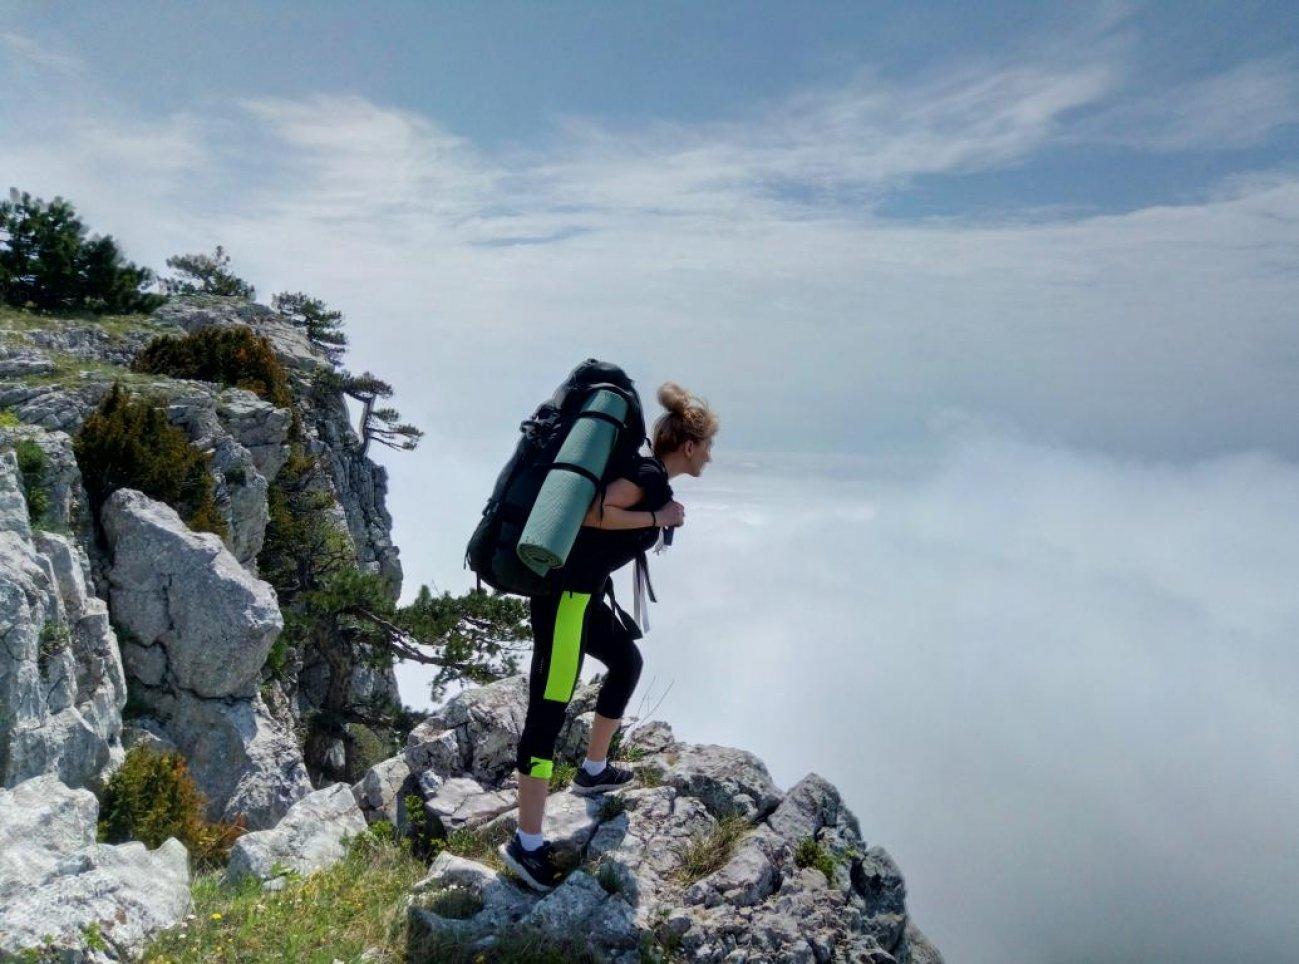 На вершине горы перед облачной долиной над обрывом